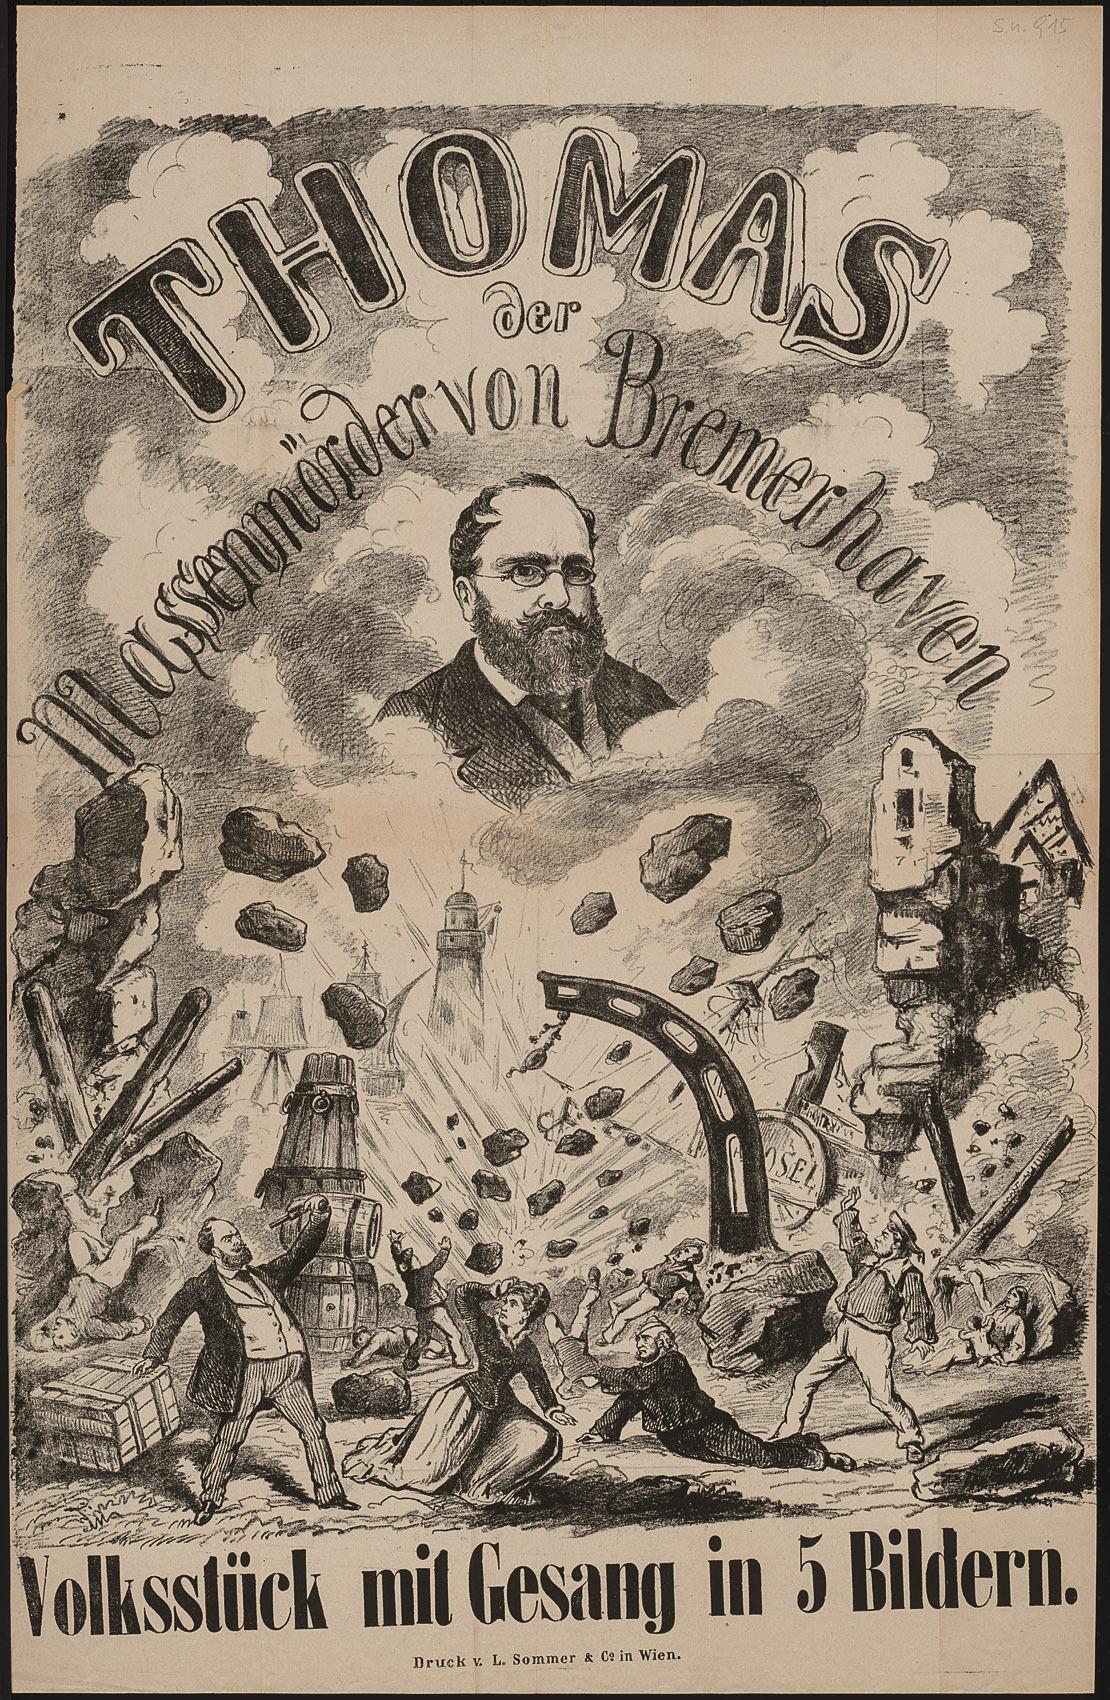 Thomas der Massenmörder von Bremerhaven von Anton Bittner